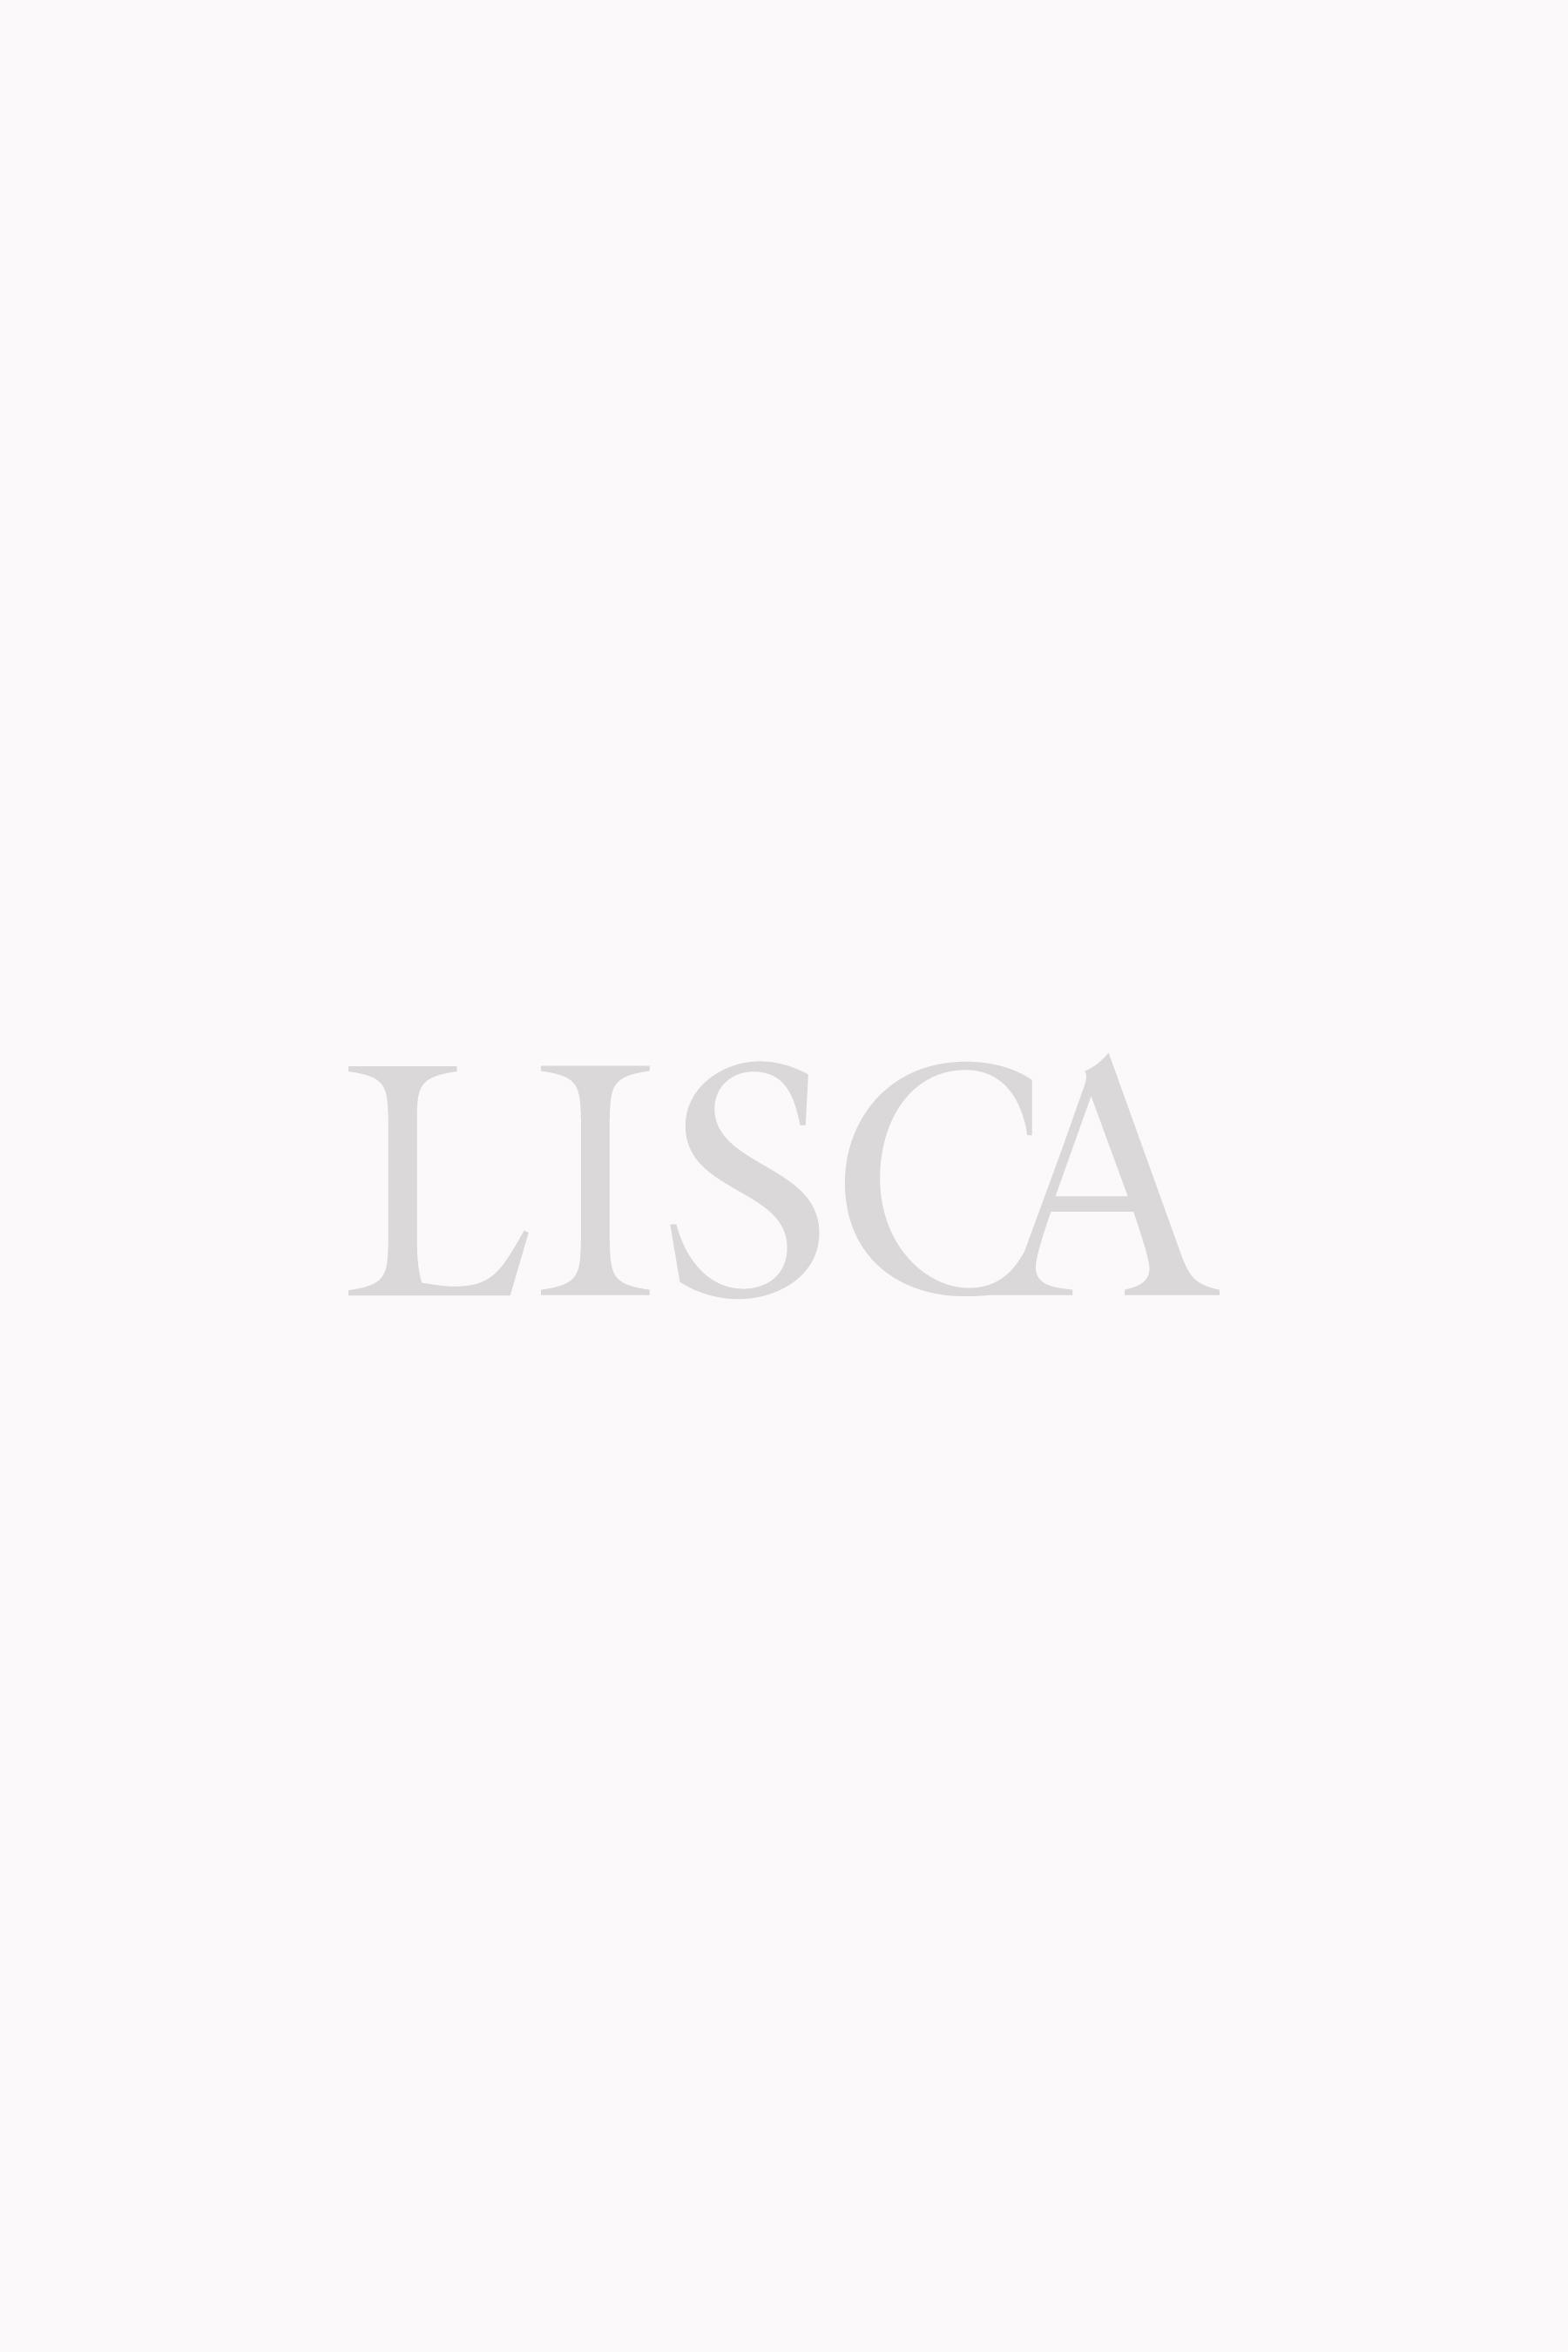 Revija Lisca, proljeće-ljeto 2016